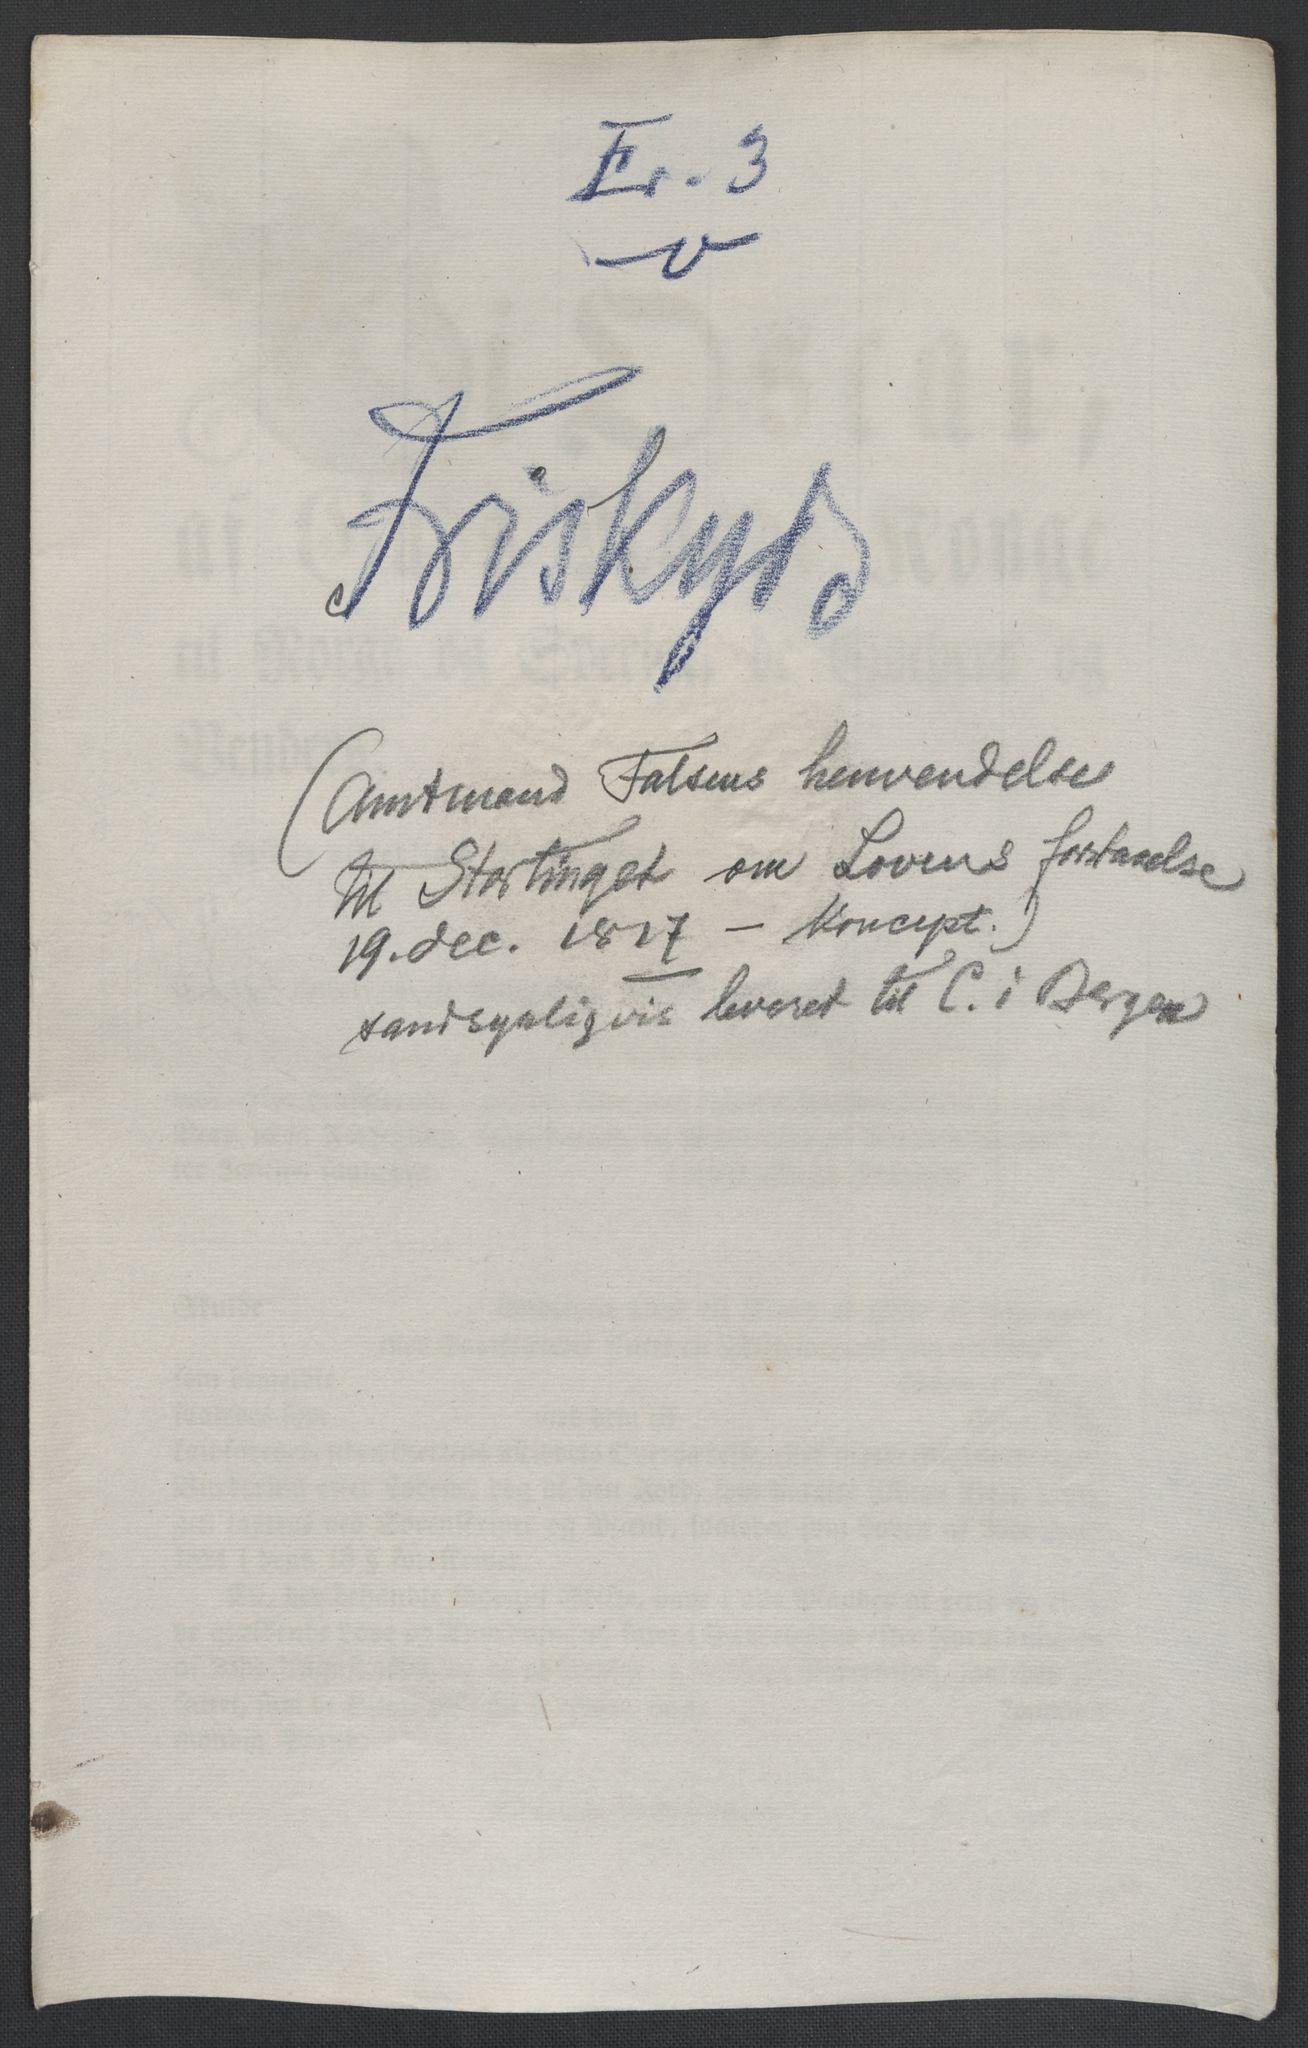 RA, Christie, Wilhelm Frimann Koren, F/L0005, 1815-1816, s. 587